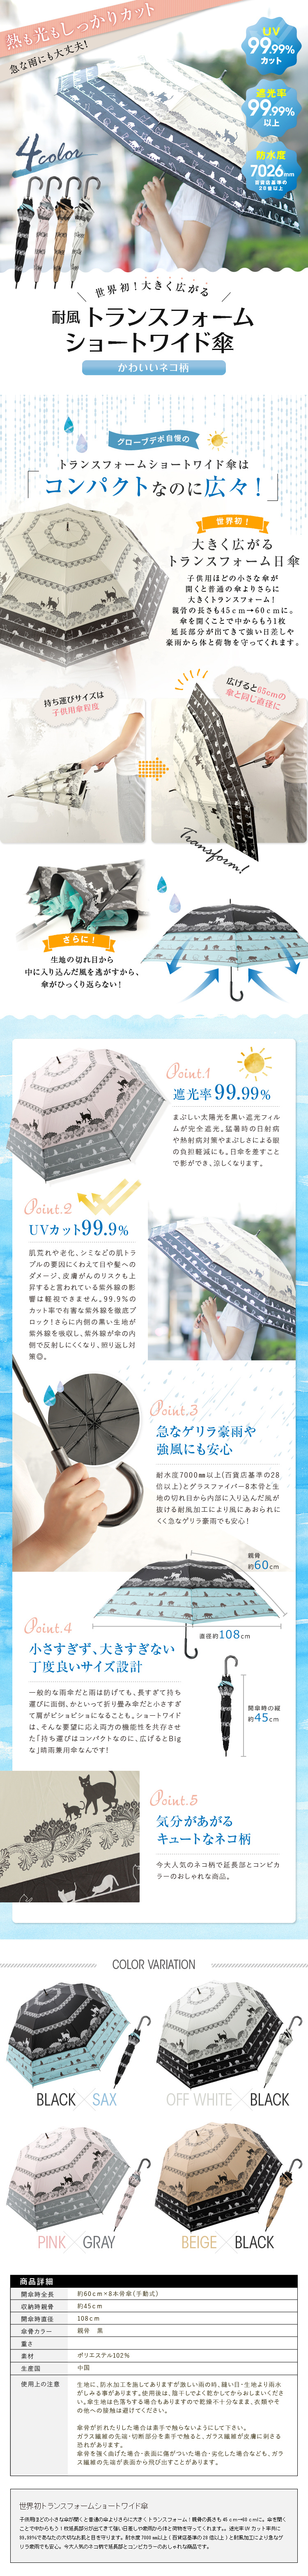 耐風 トランスフォームショートワイド傘